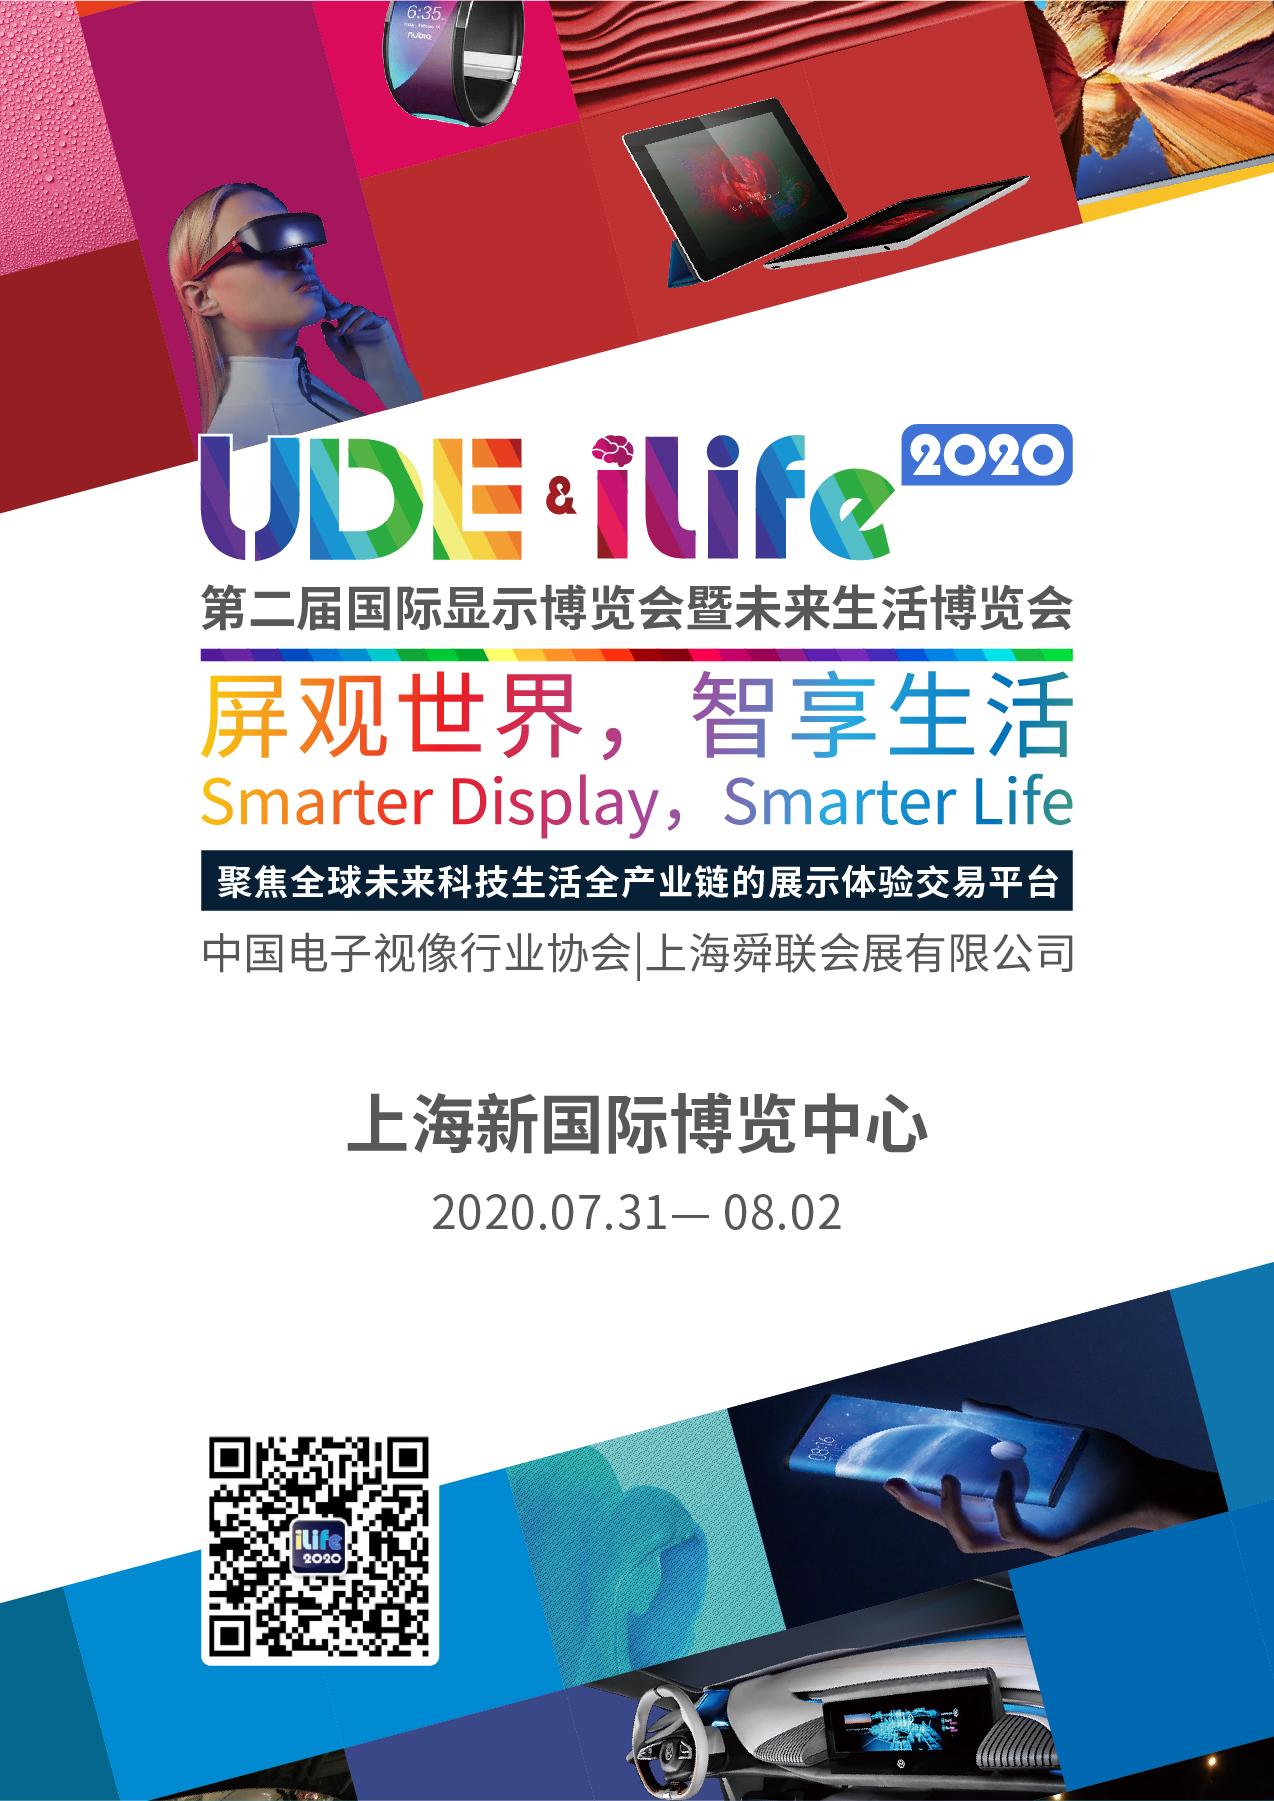 2020 ChinaJoy与UDEiLife 2020全面合作,展馆、观众互联互通